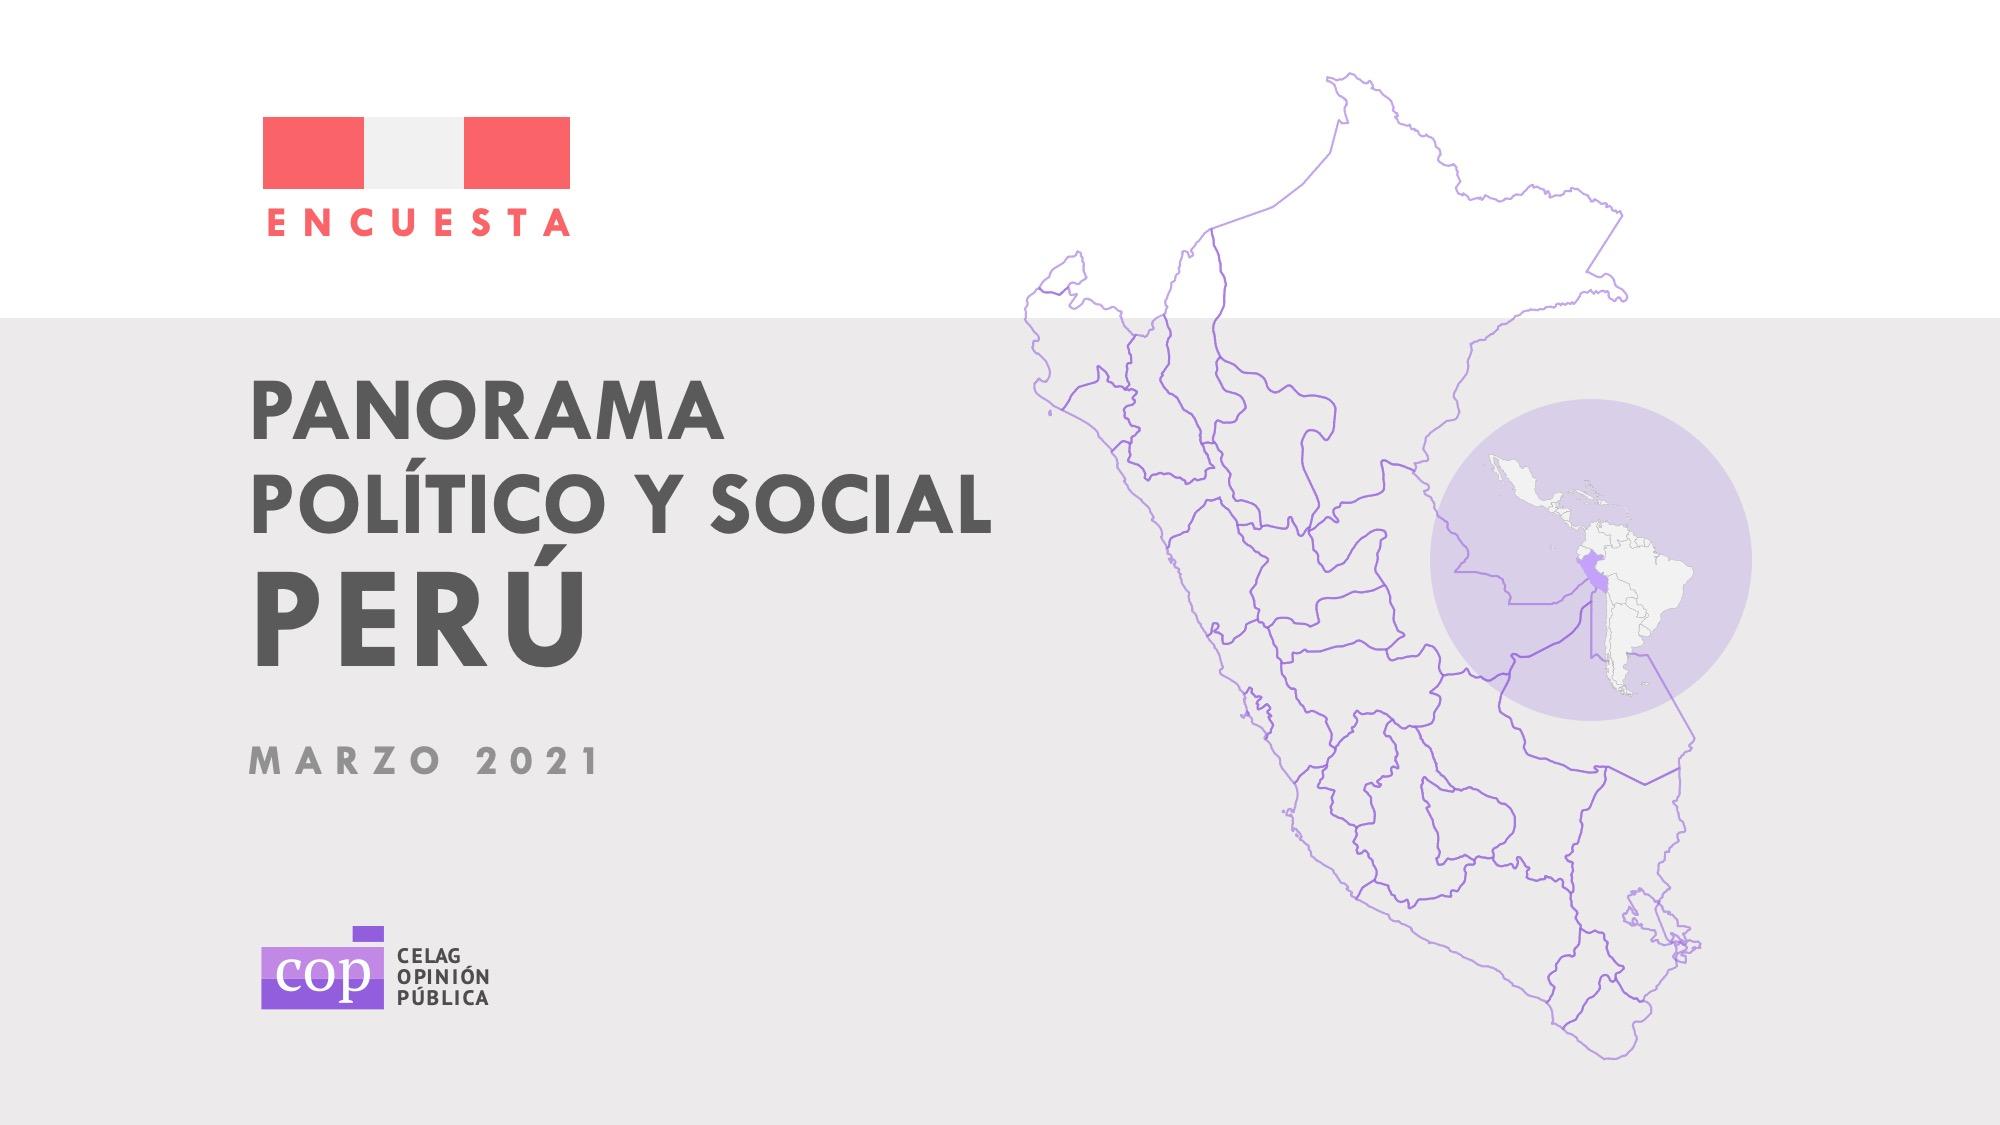 Perú define tres candidatos a las presidenciales, según encuesta